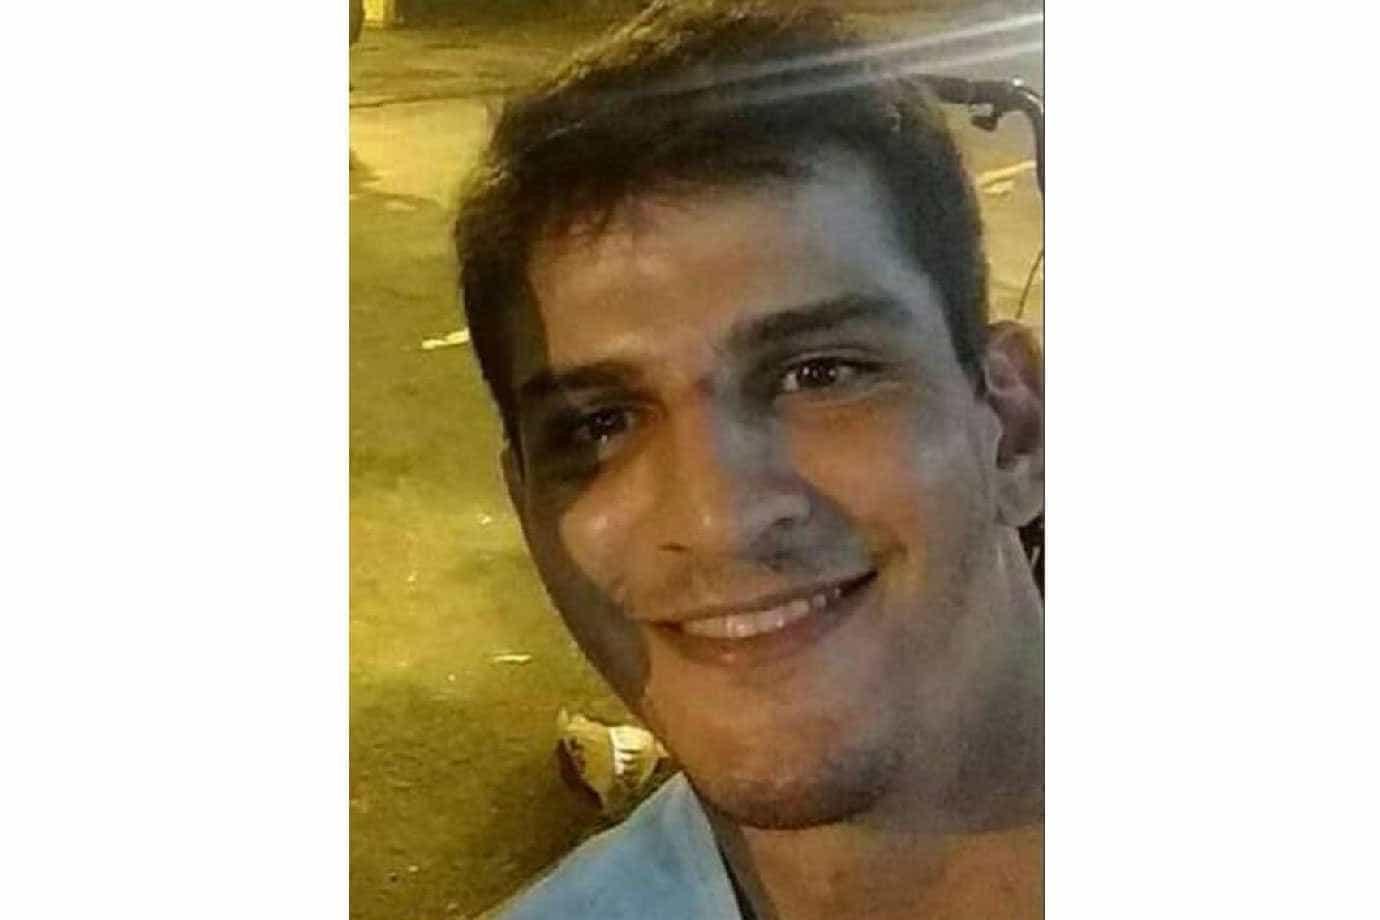 Acusado de agredir paisagista está internado em hospital psiquiátrico